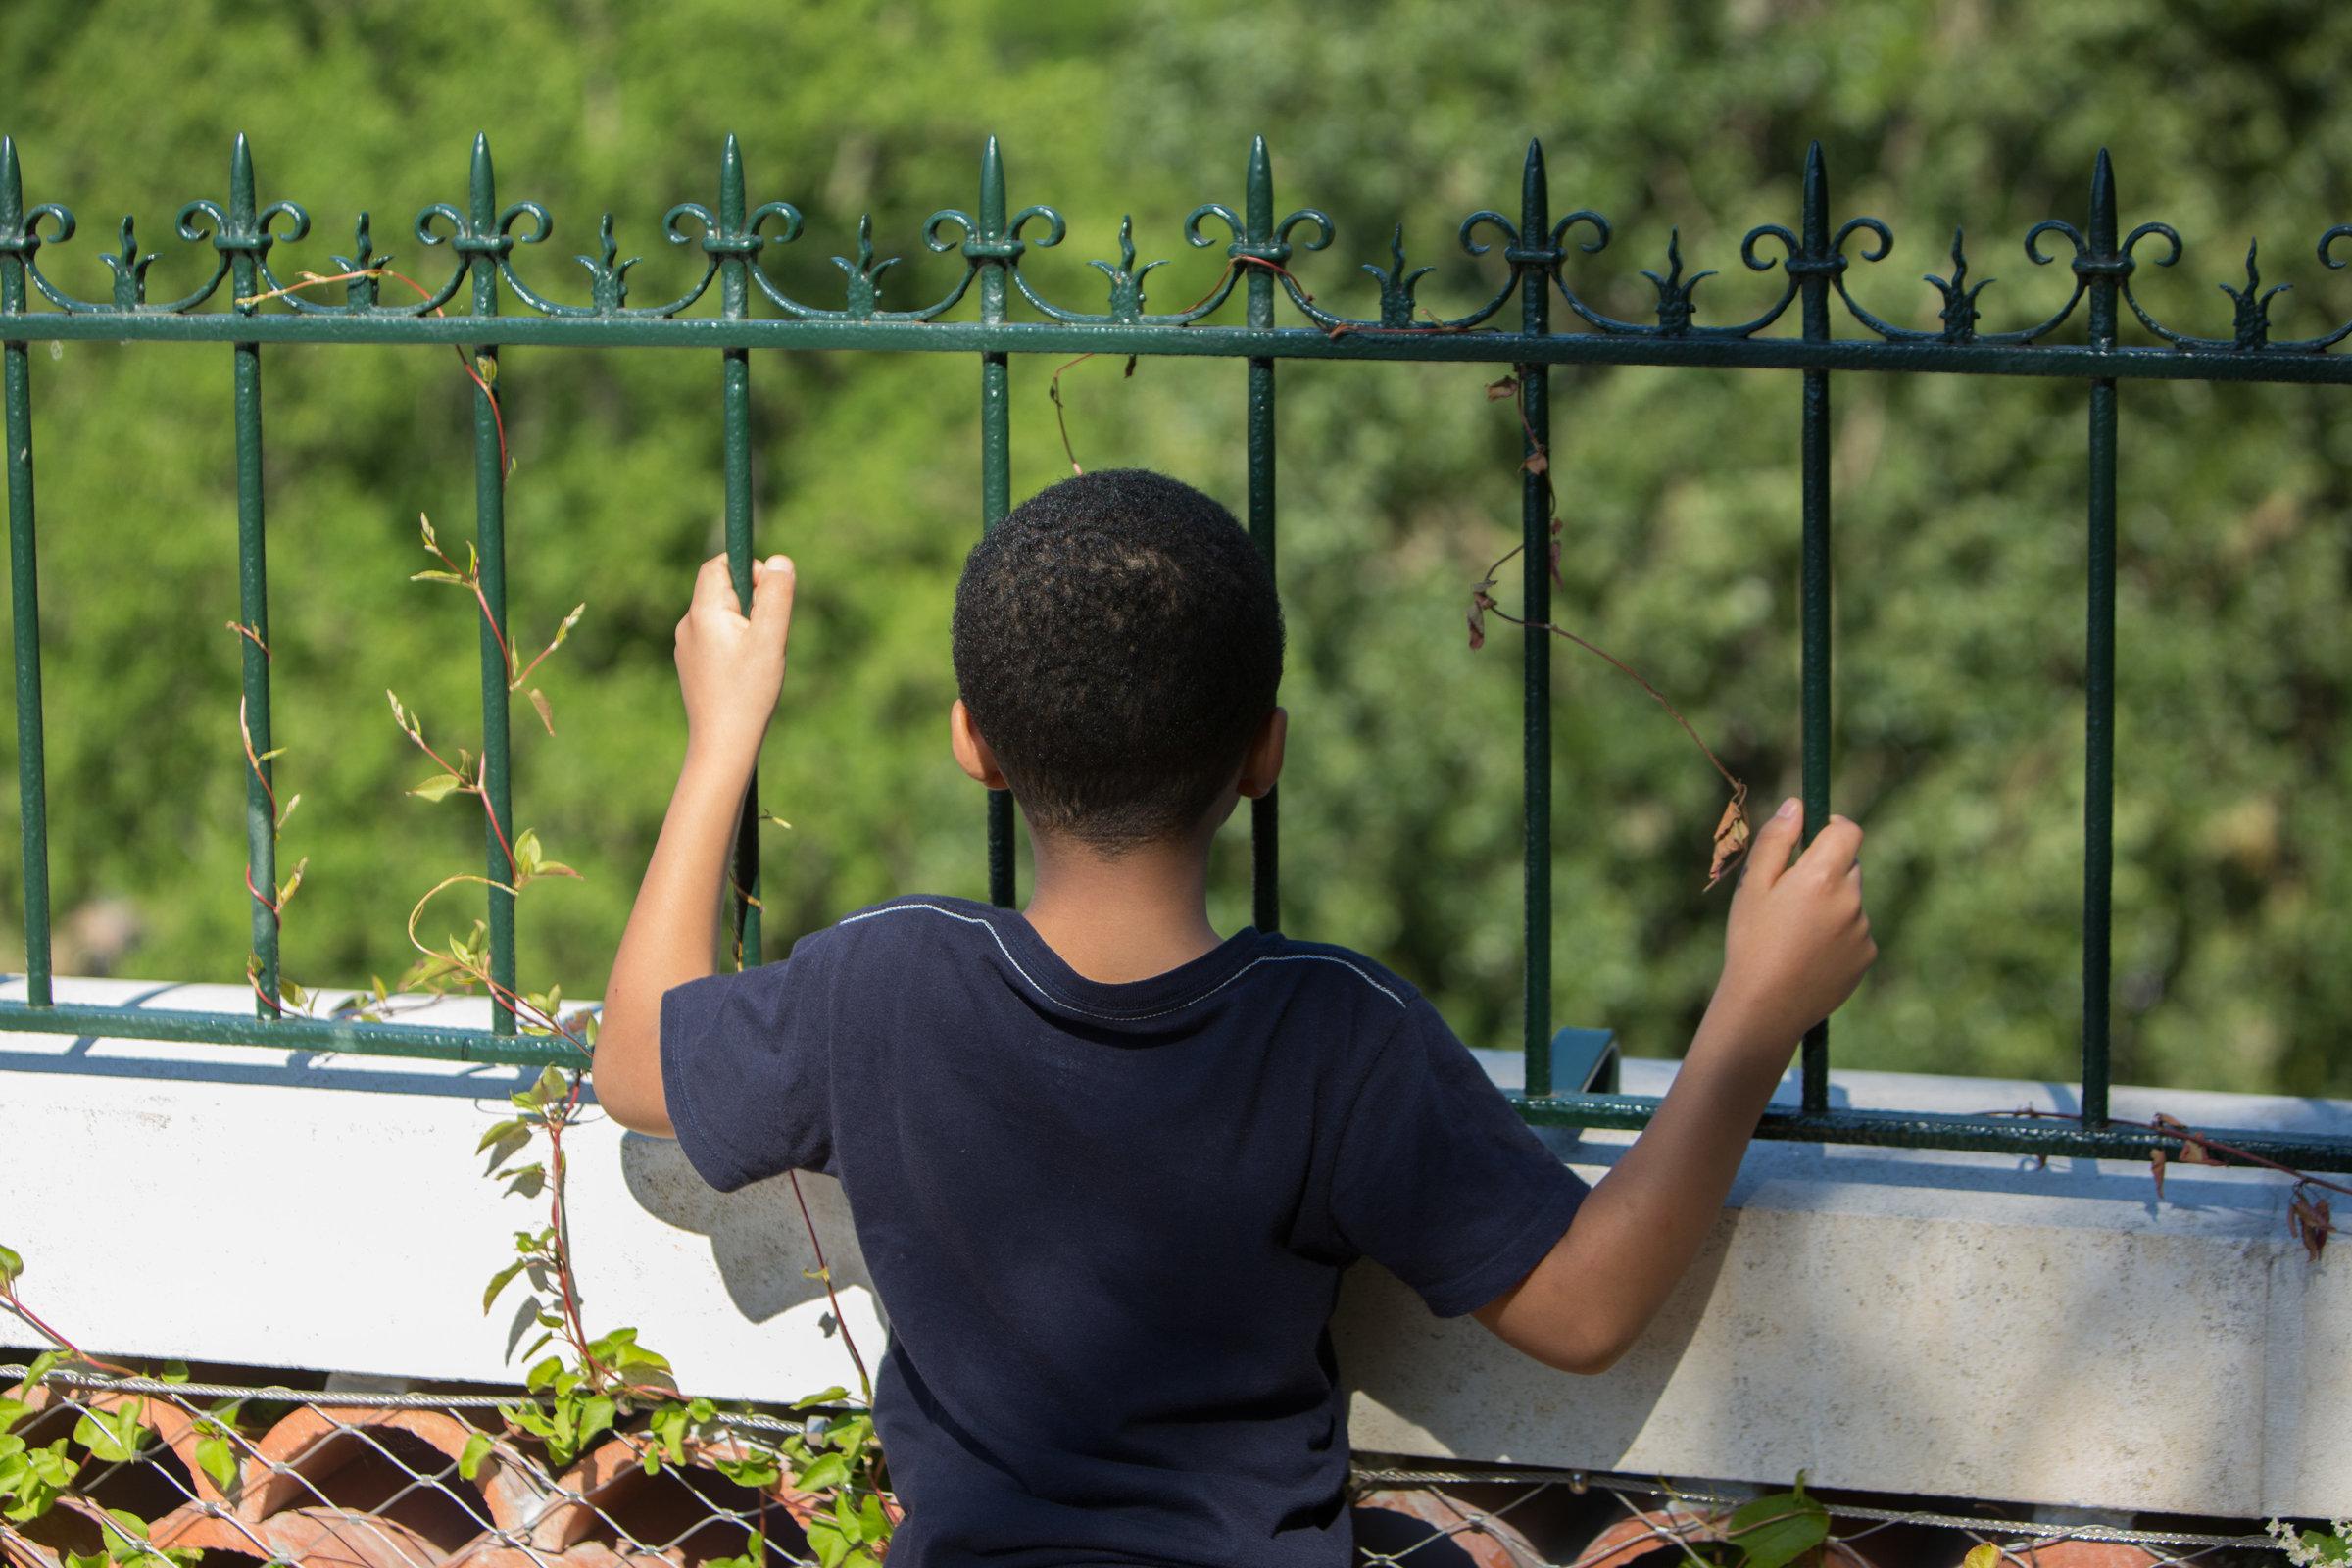 Un enfant se tient de dos devant une grille de jardin.